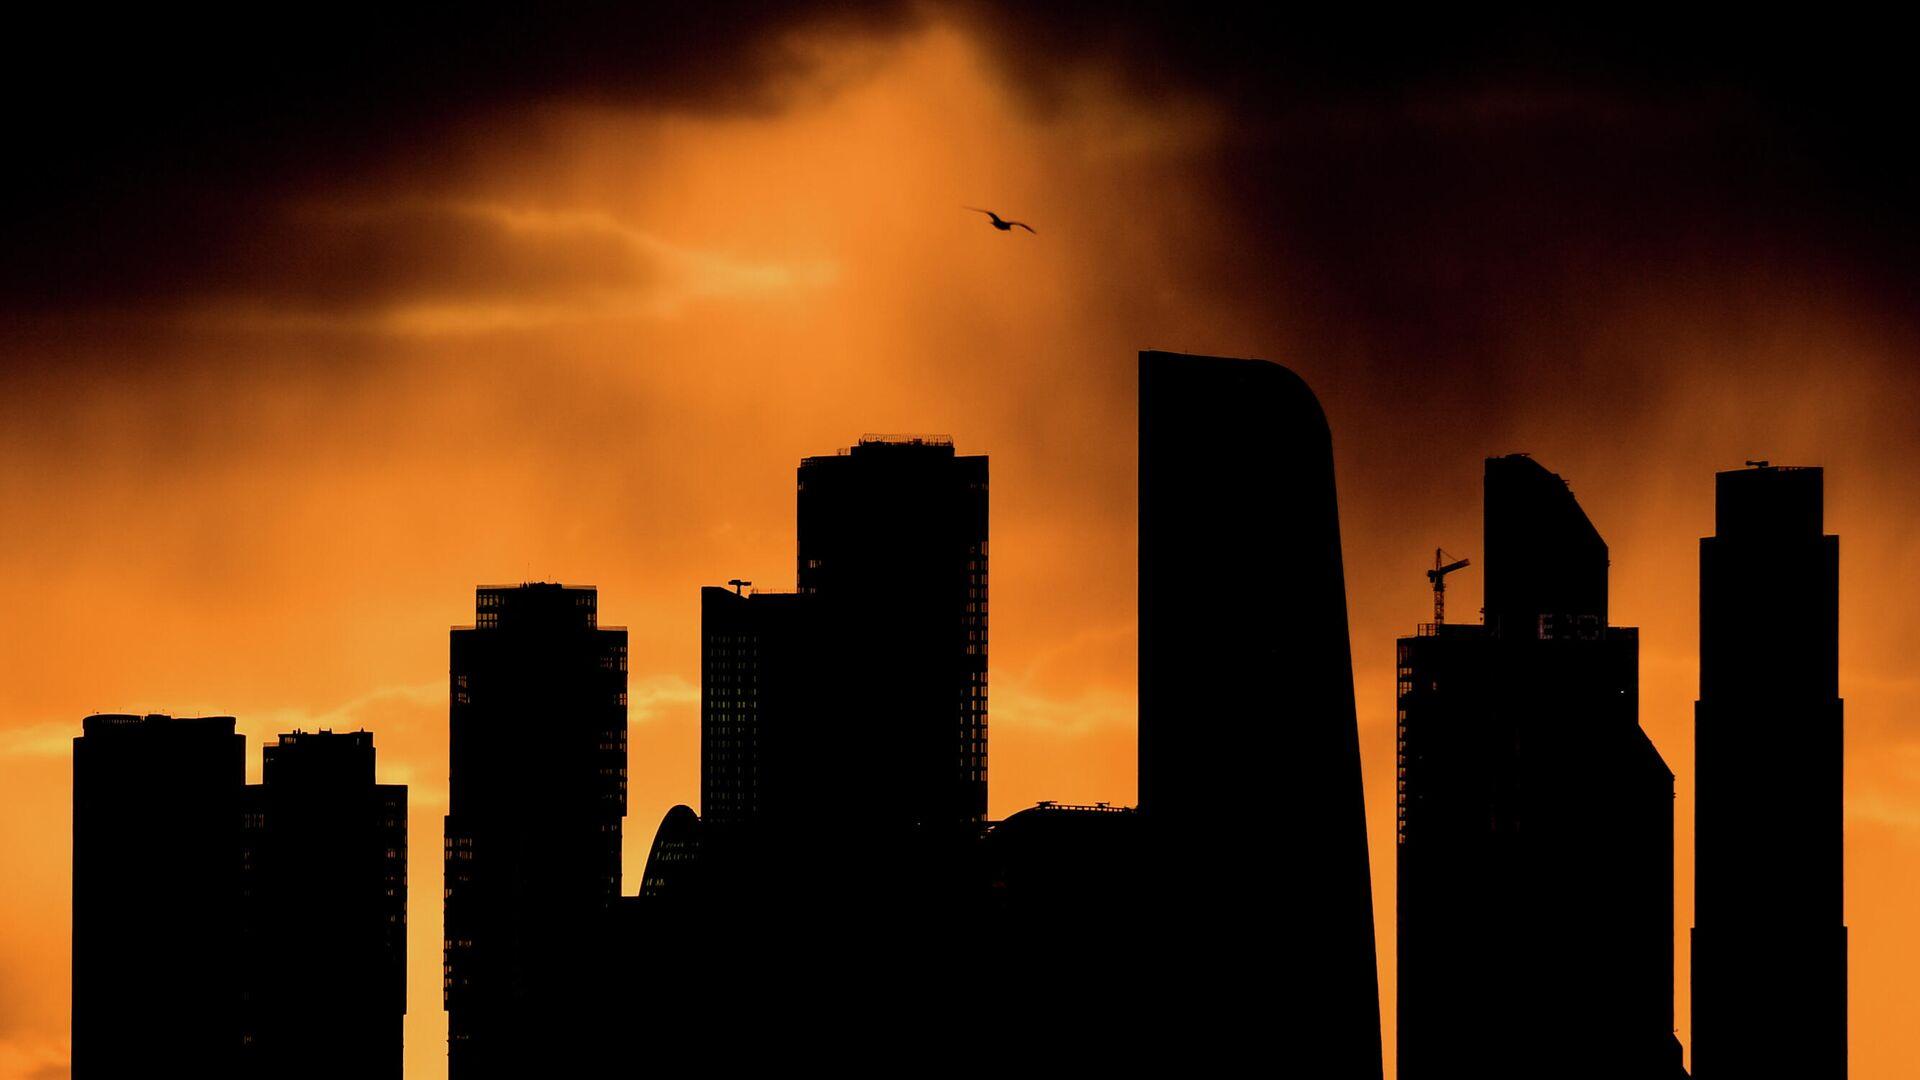 На Земле произошла сильнейшая за два года магнитная буря